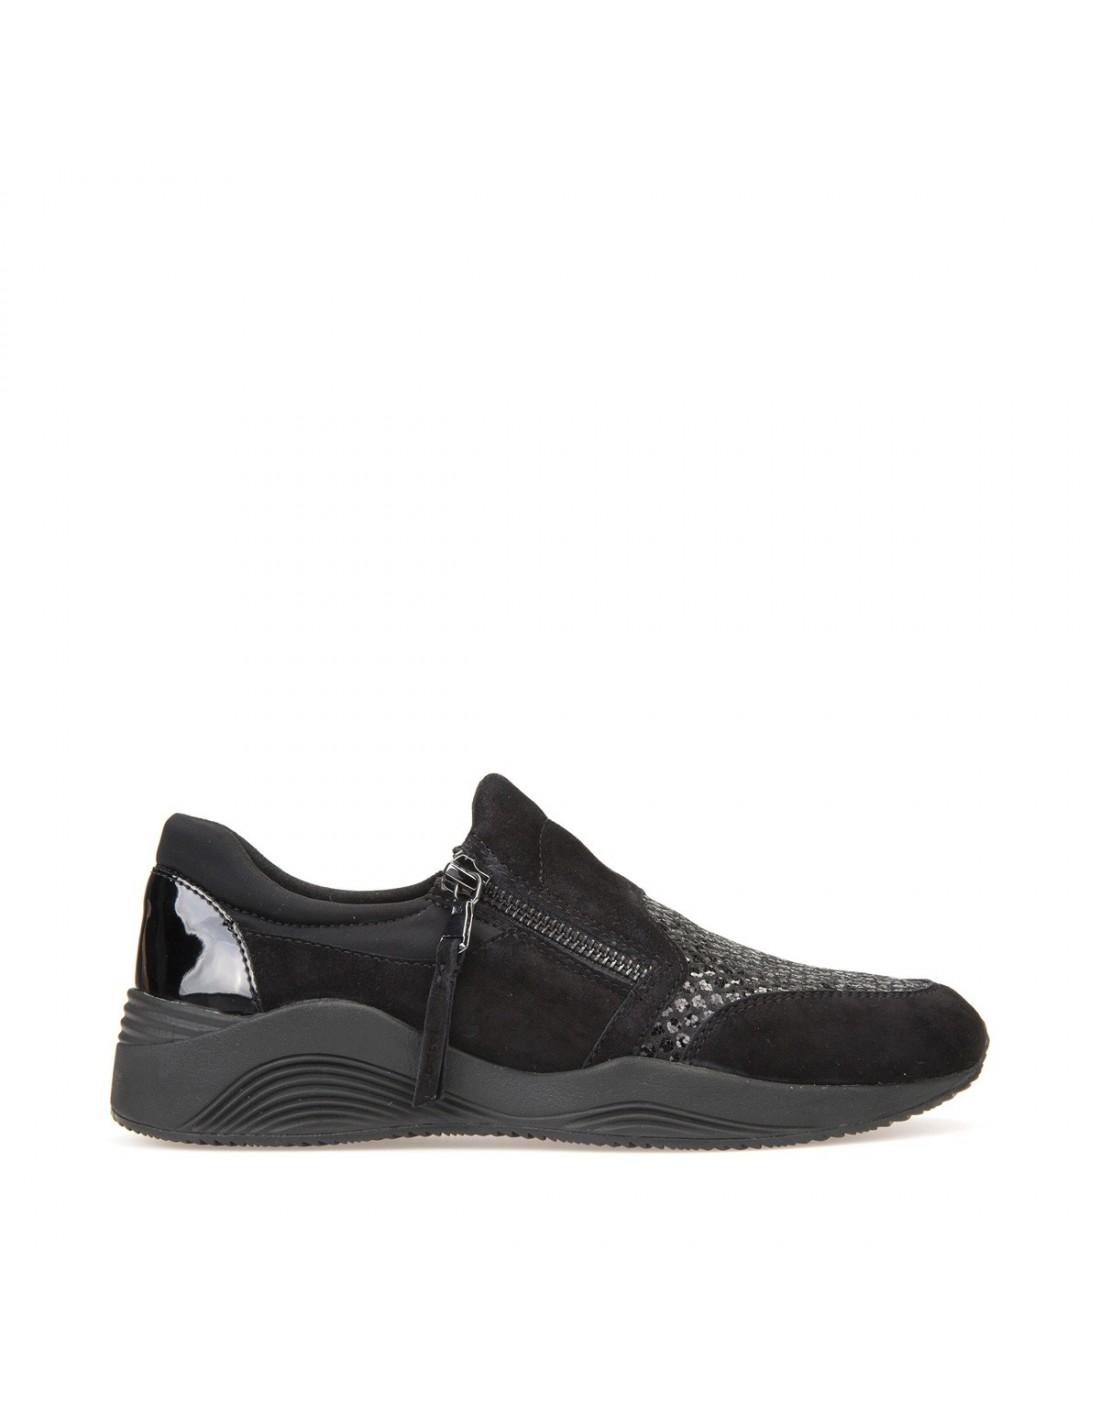 Geox scarpe donna, sneakers slip on in camoscio grigio linea